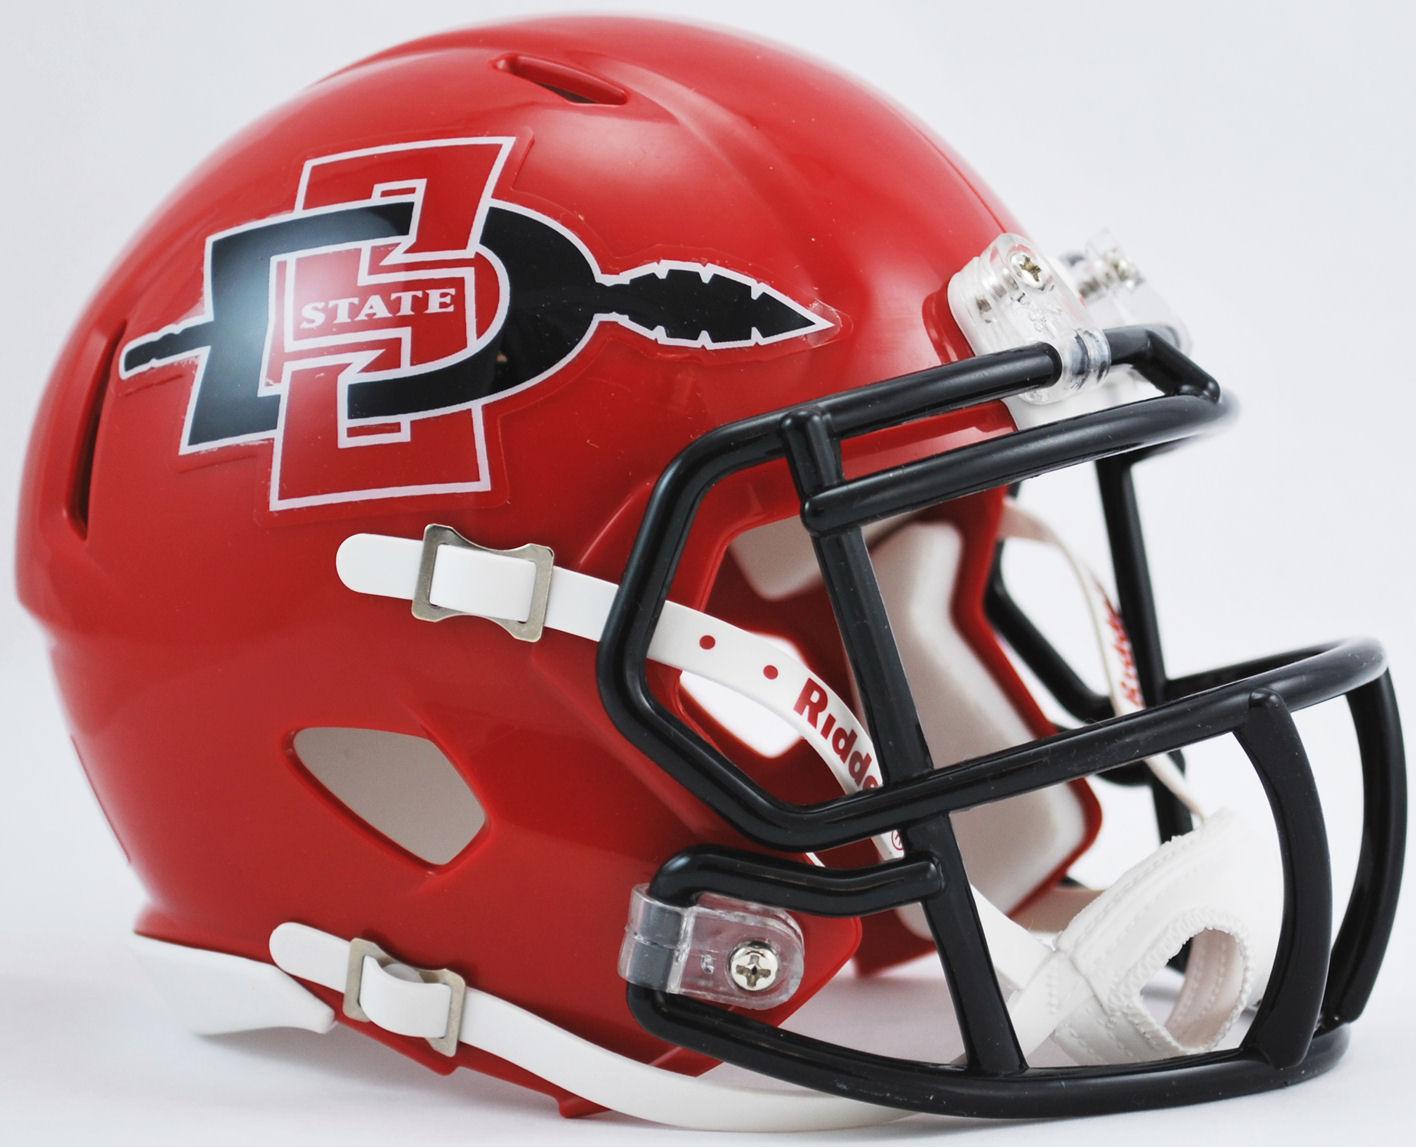 San Diego State Aztecs Ncaa Mini Speed Football Helmet Discontinued Football Helmets College Football Helmets Helmet